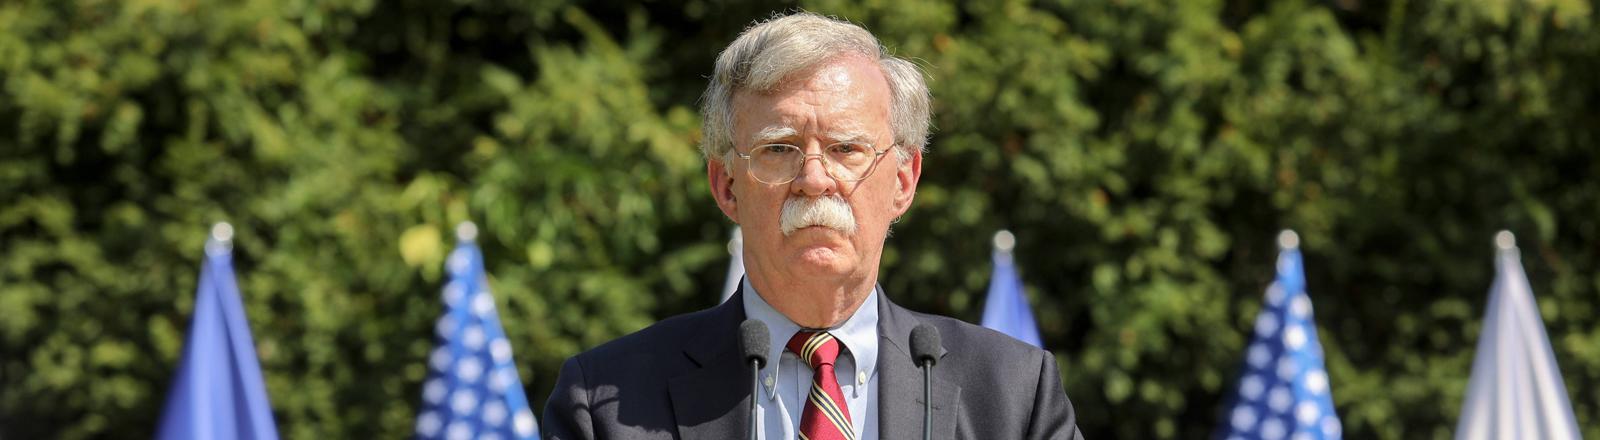 John R. Bolton bei einem Termin in Polen am 30. August 2019.